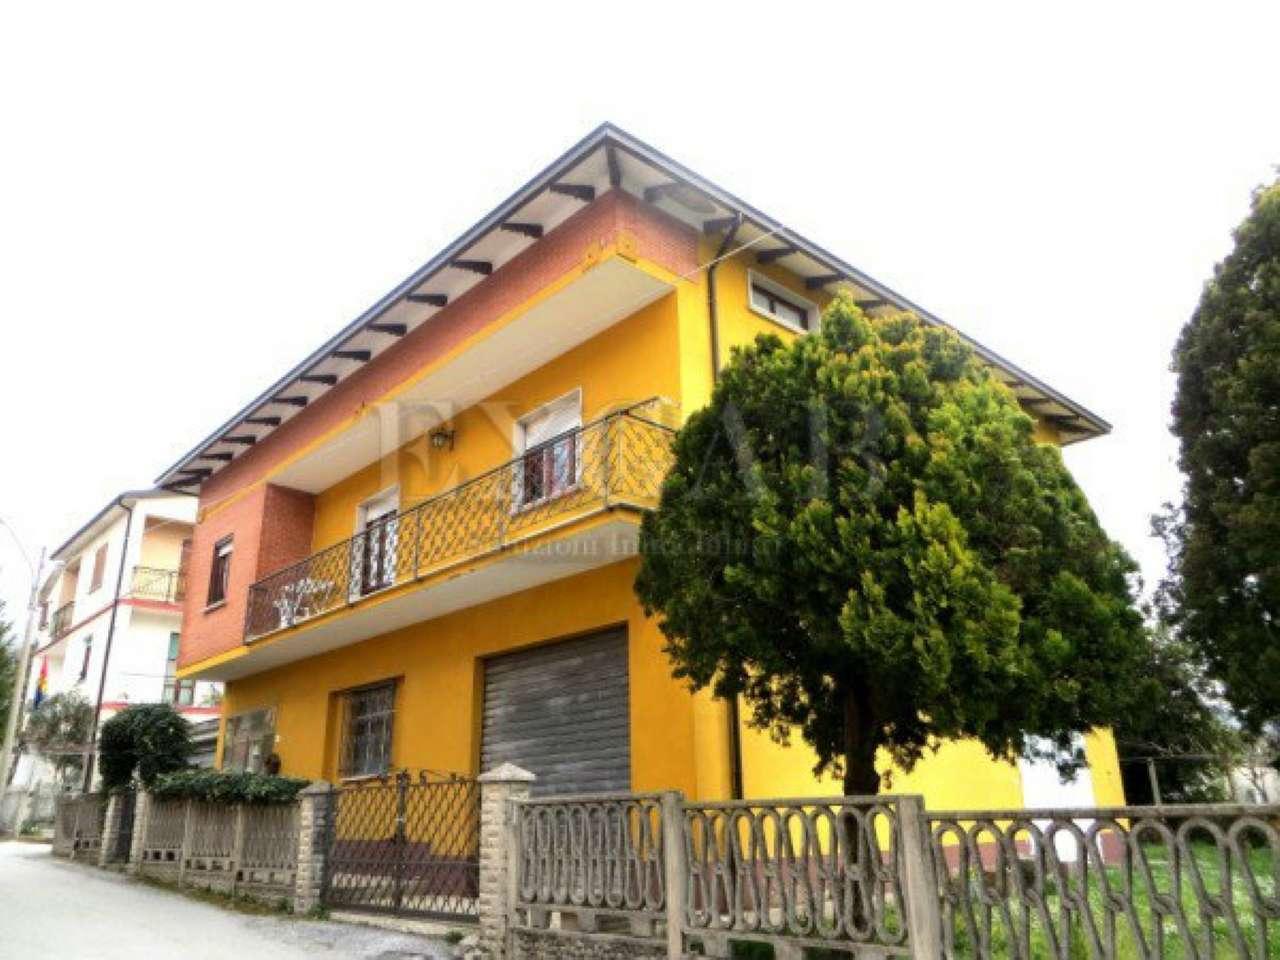 Villa in vendita a Sigillo, 5 locali, prezzo € 148.000 | CambioCasa.it